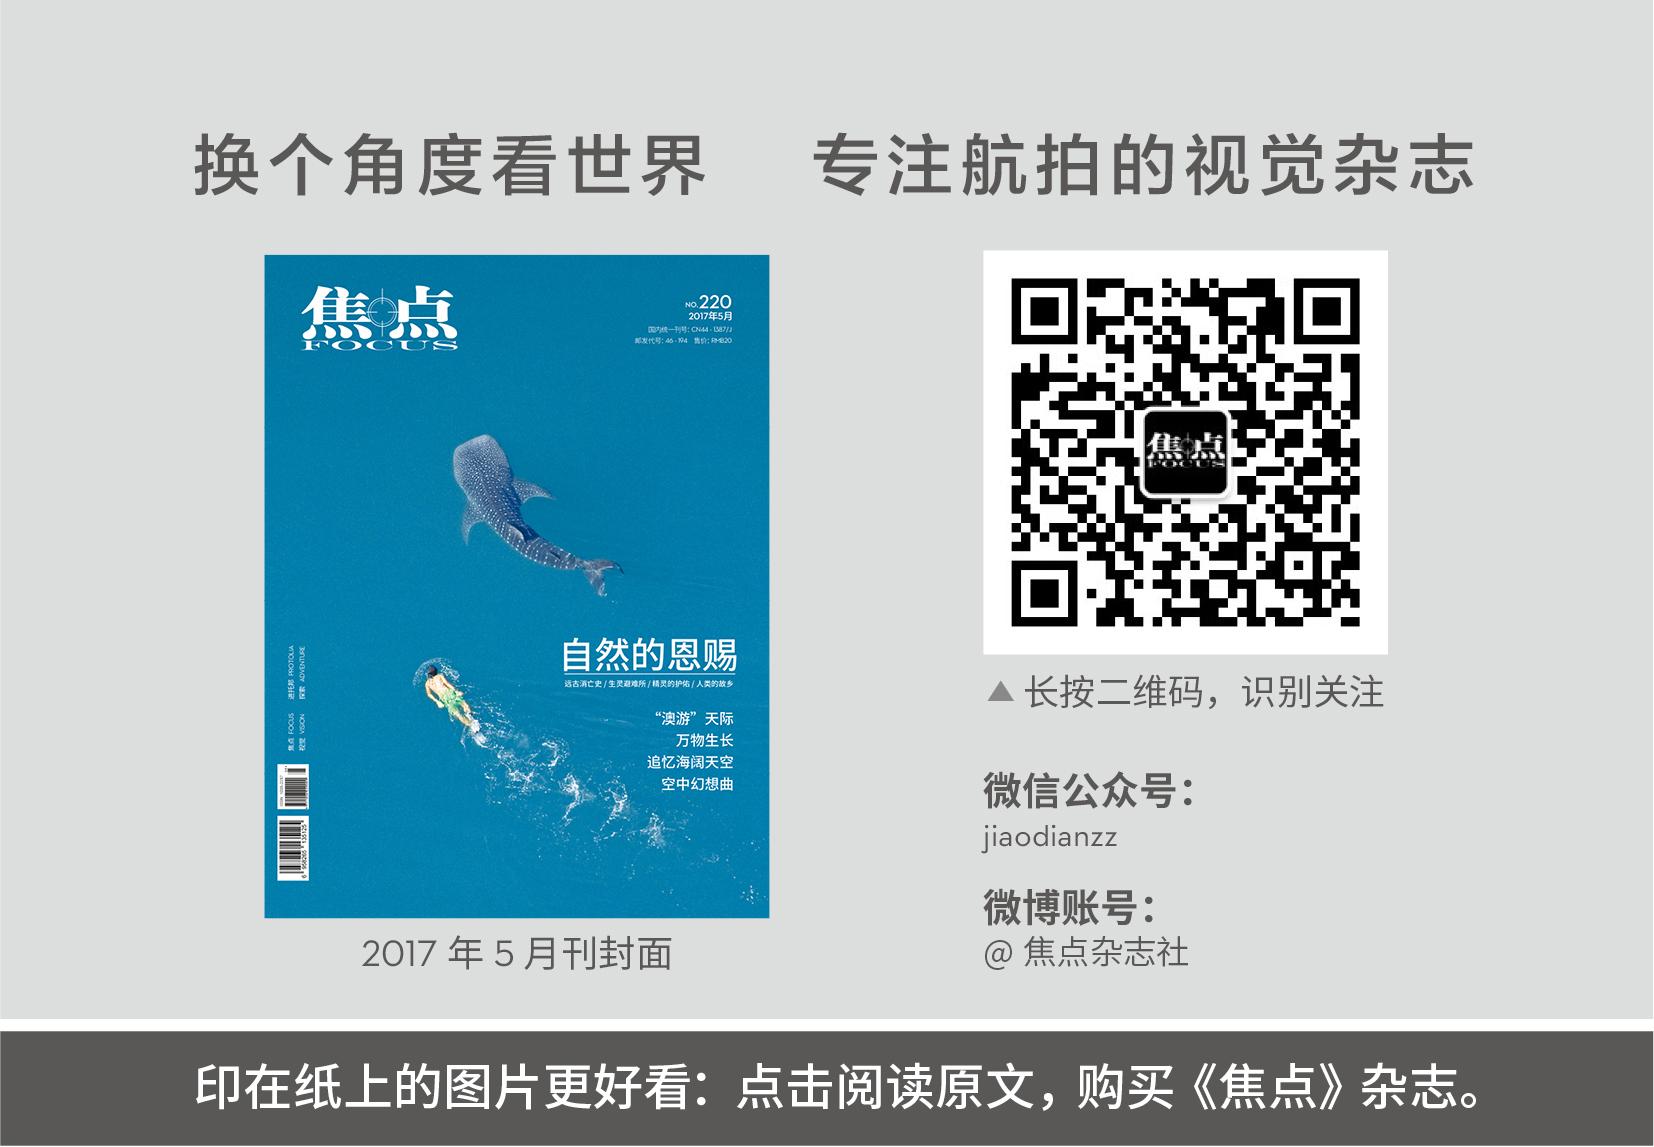 2017年5月 微信替换.jpg